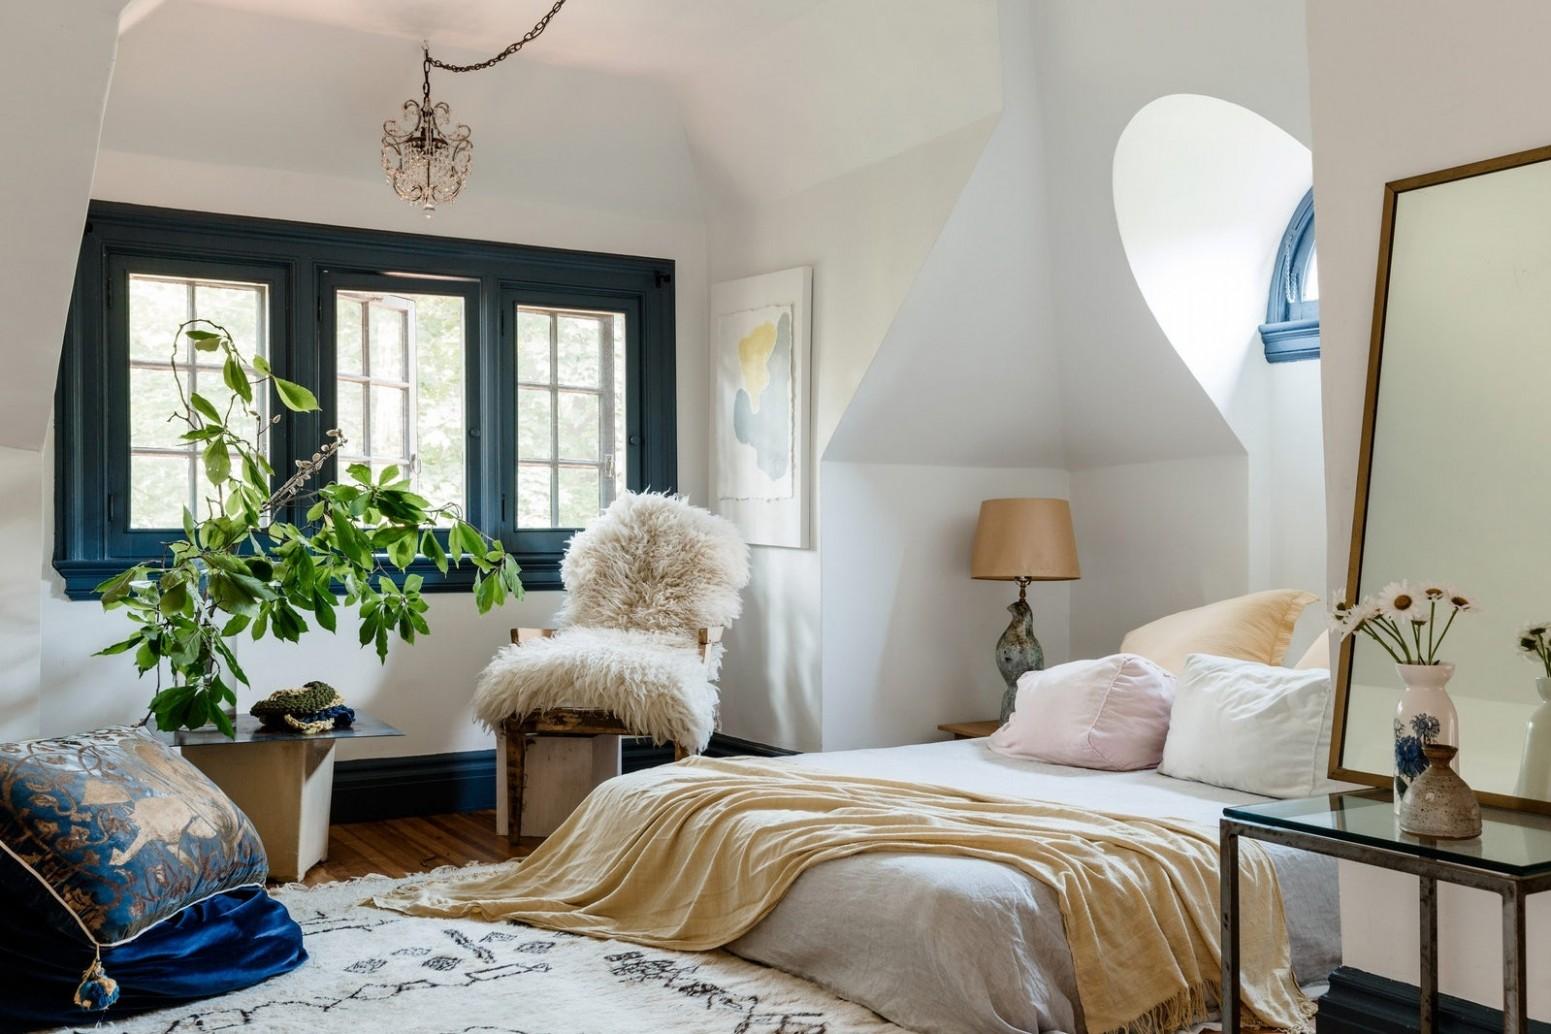 12 Cozy Bedroom Ideas  Architectural Digest - Bedroom Ideas Cosy